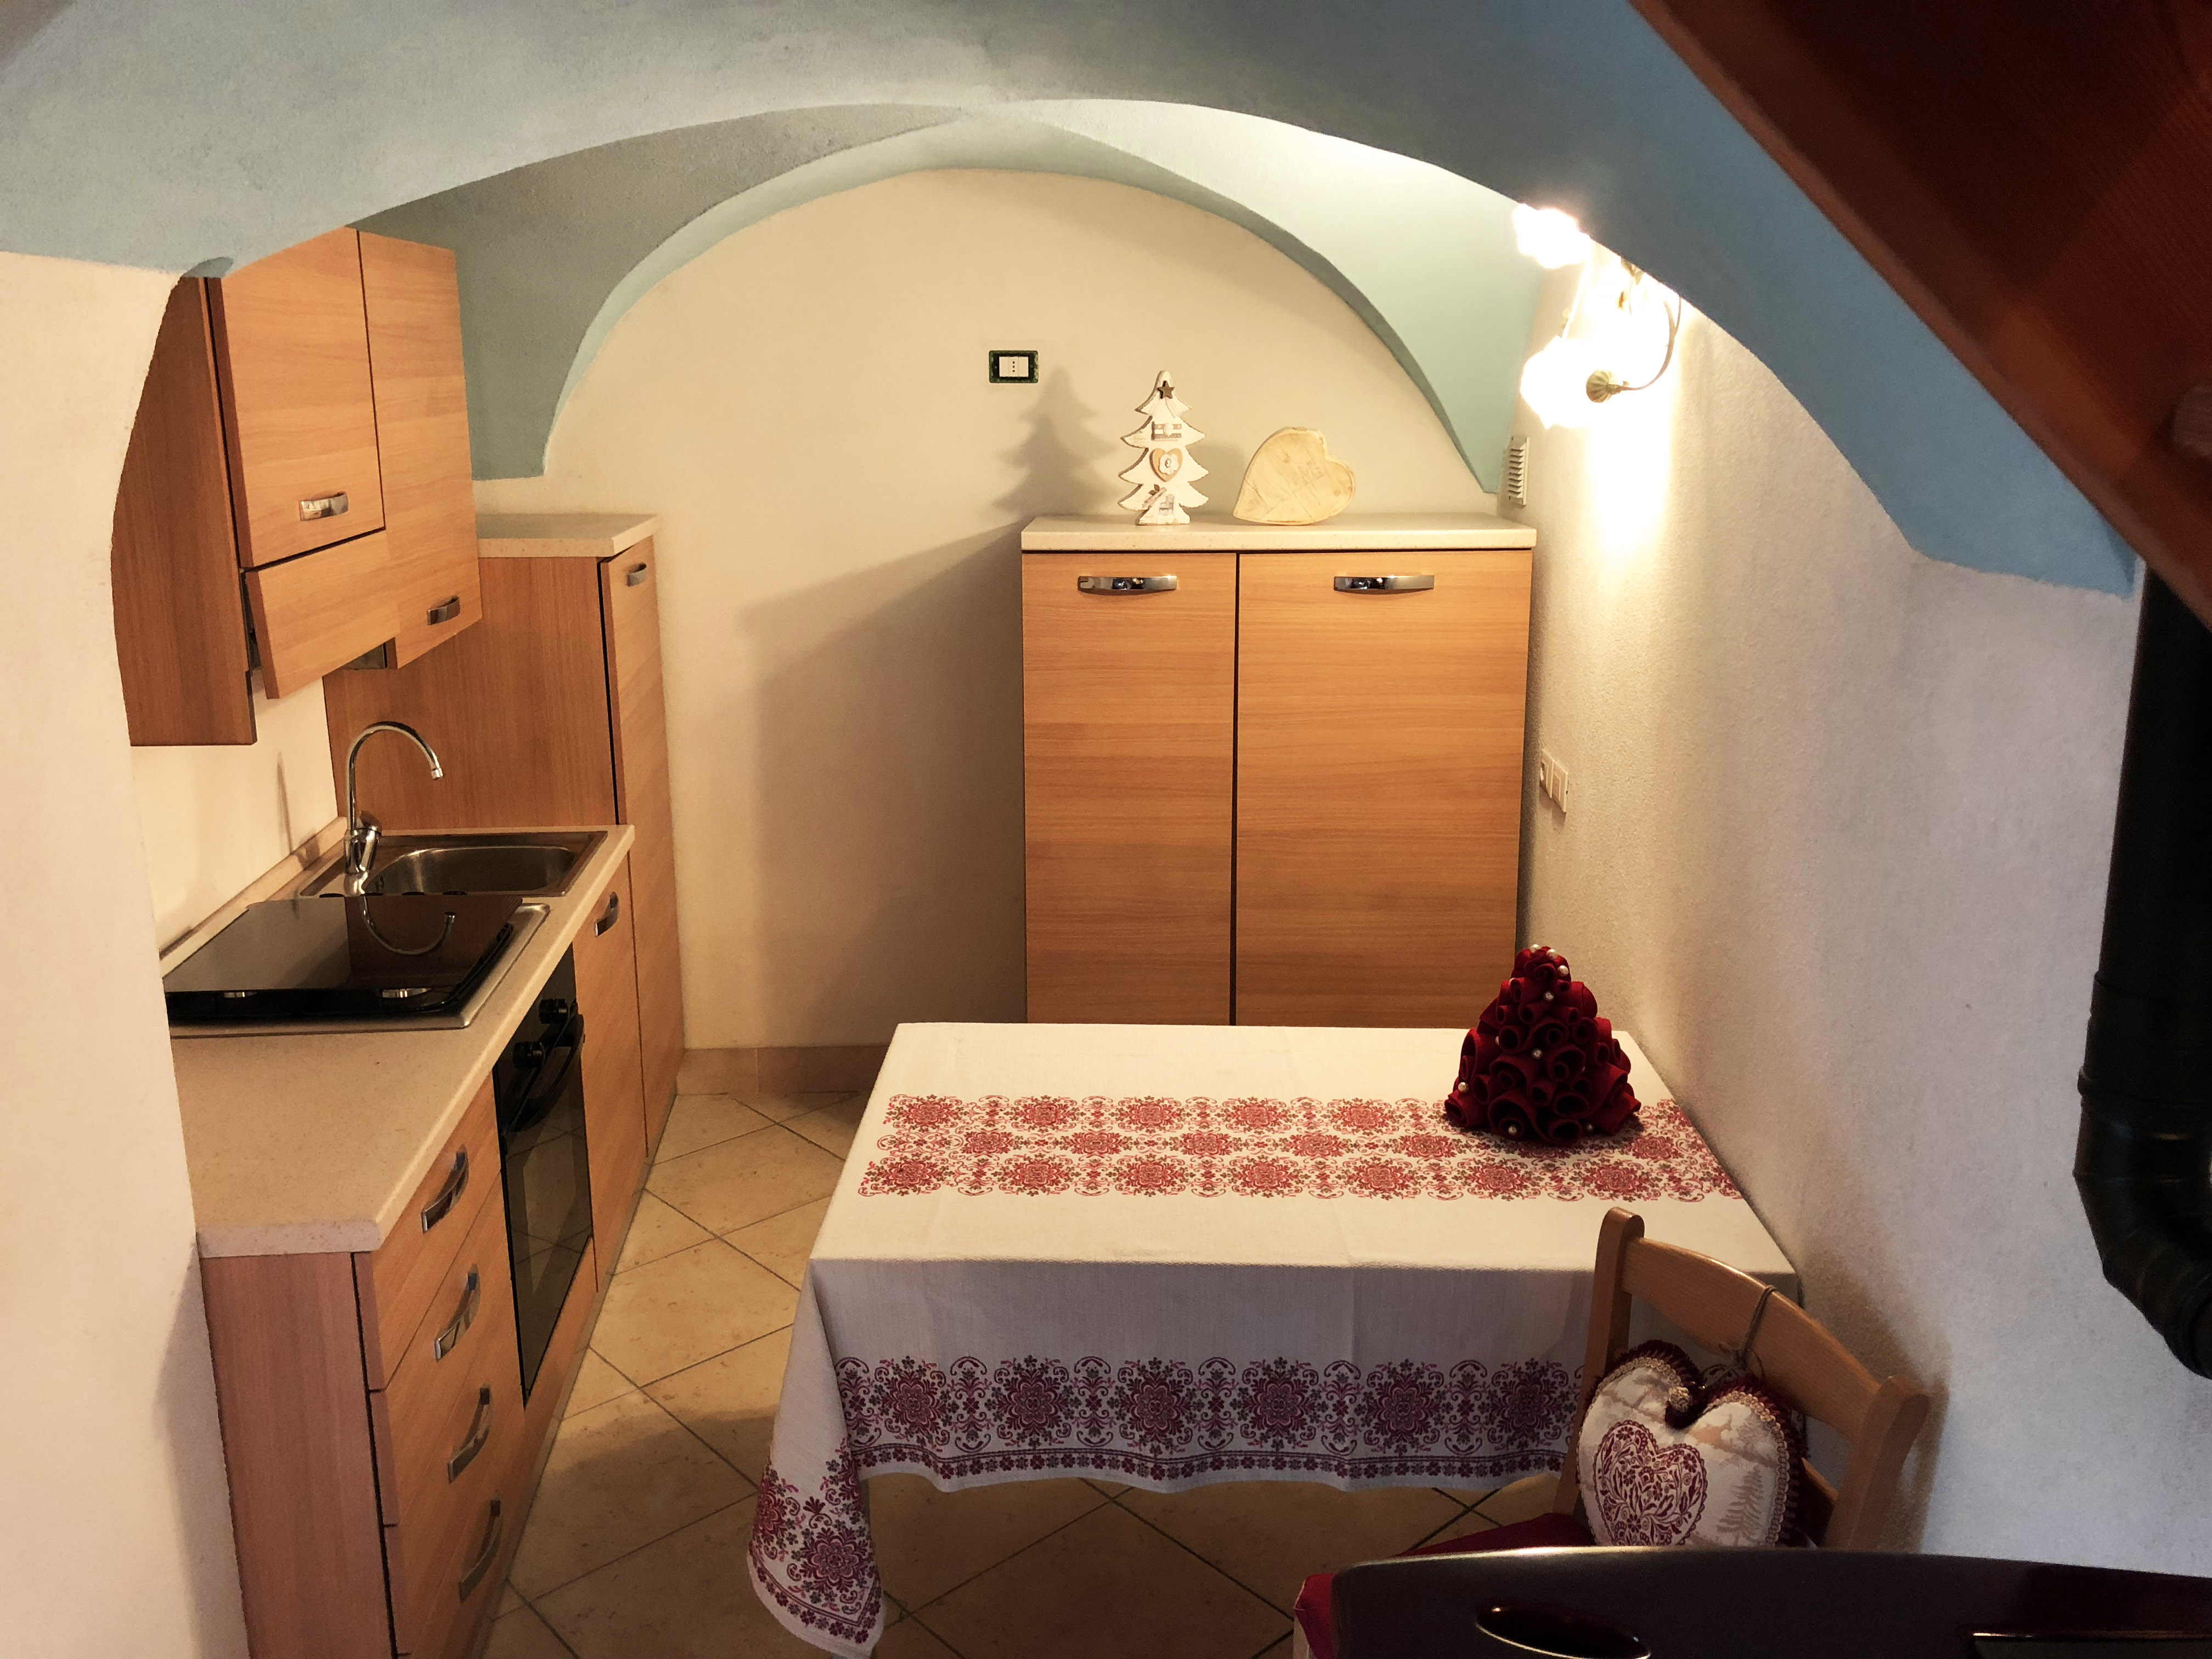 Cencenighe Agordino Mini Appartament